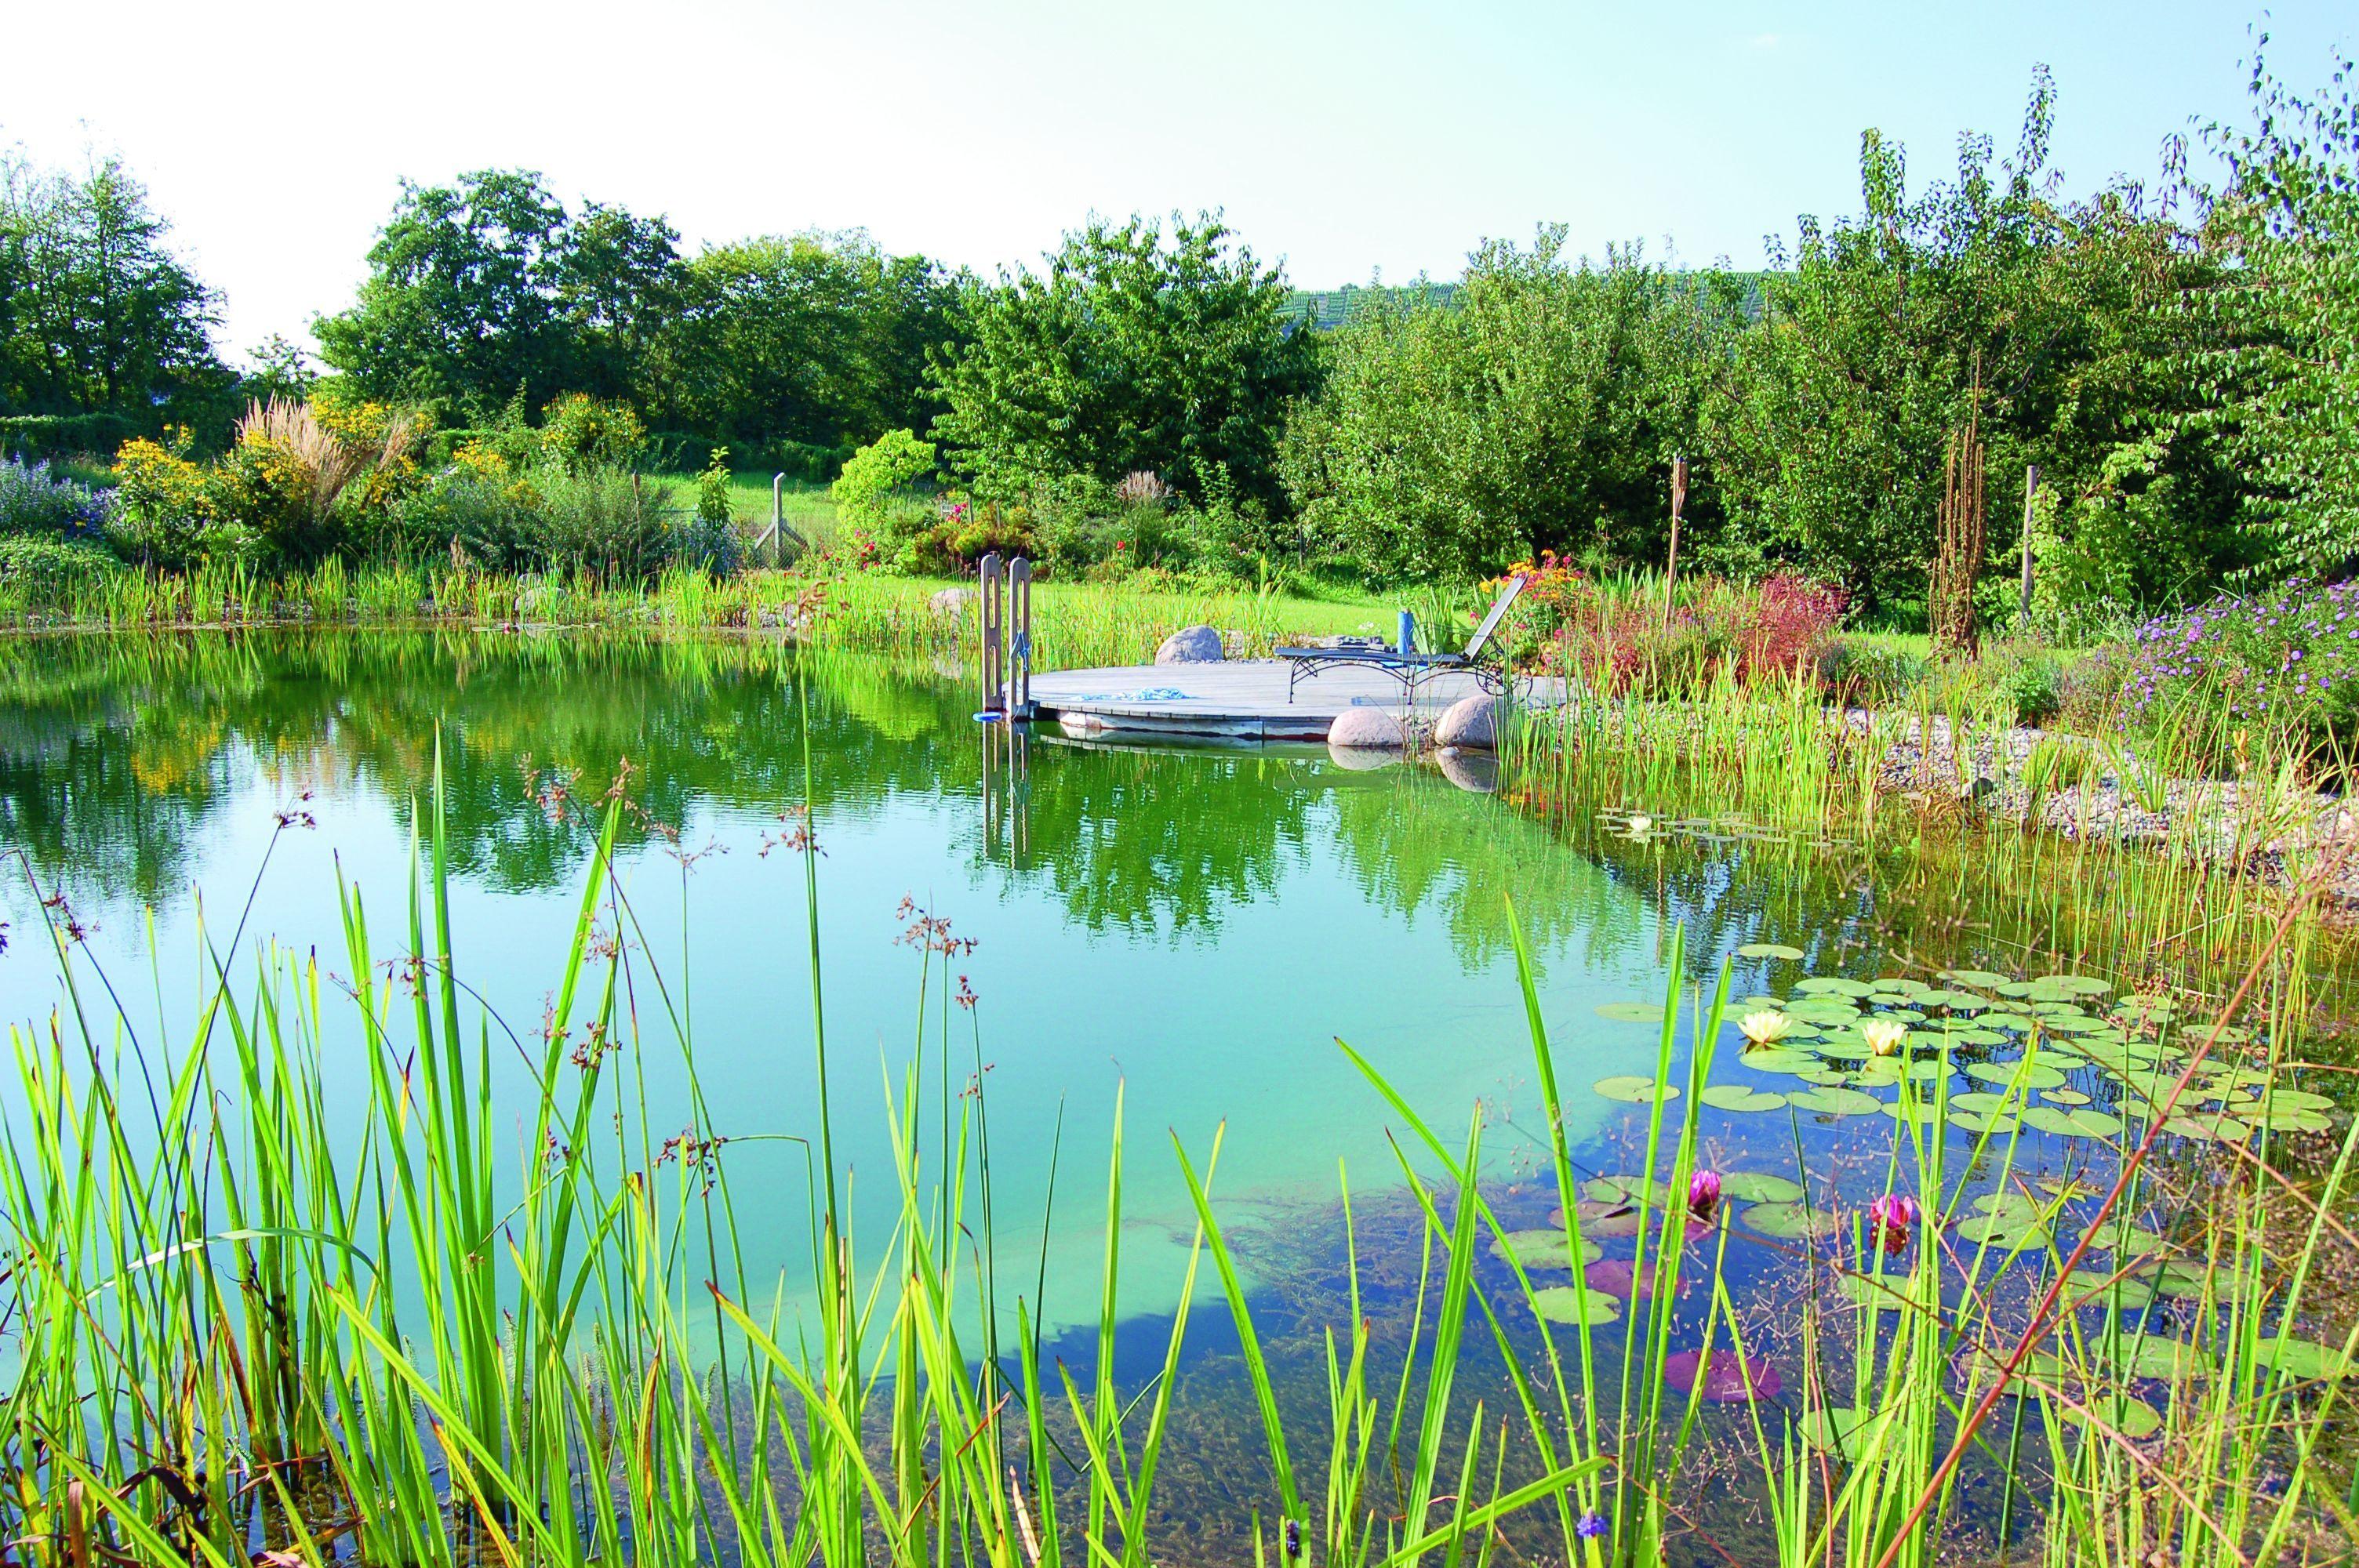 Fesselnde Gartenteich Bildergalerie Das Beste Von Teiche, Wasser, Garten, Natürliche Schwimmteiche, Naturschwimmbecken, Schwimmbecken,